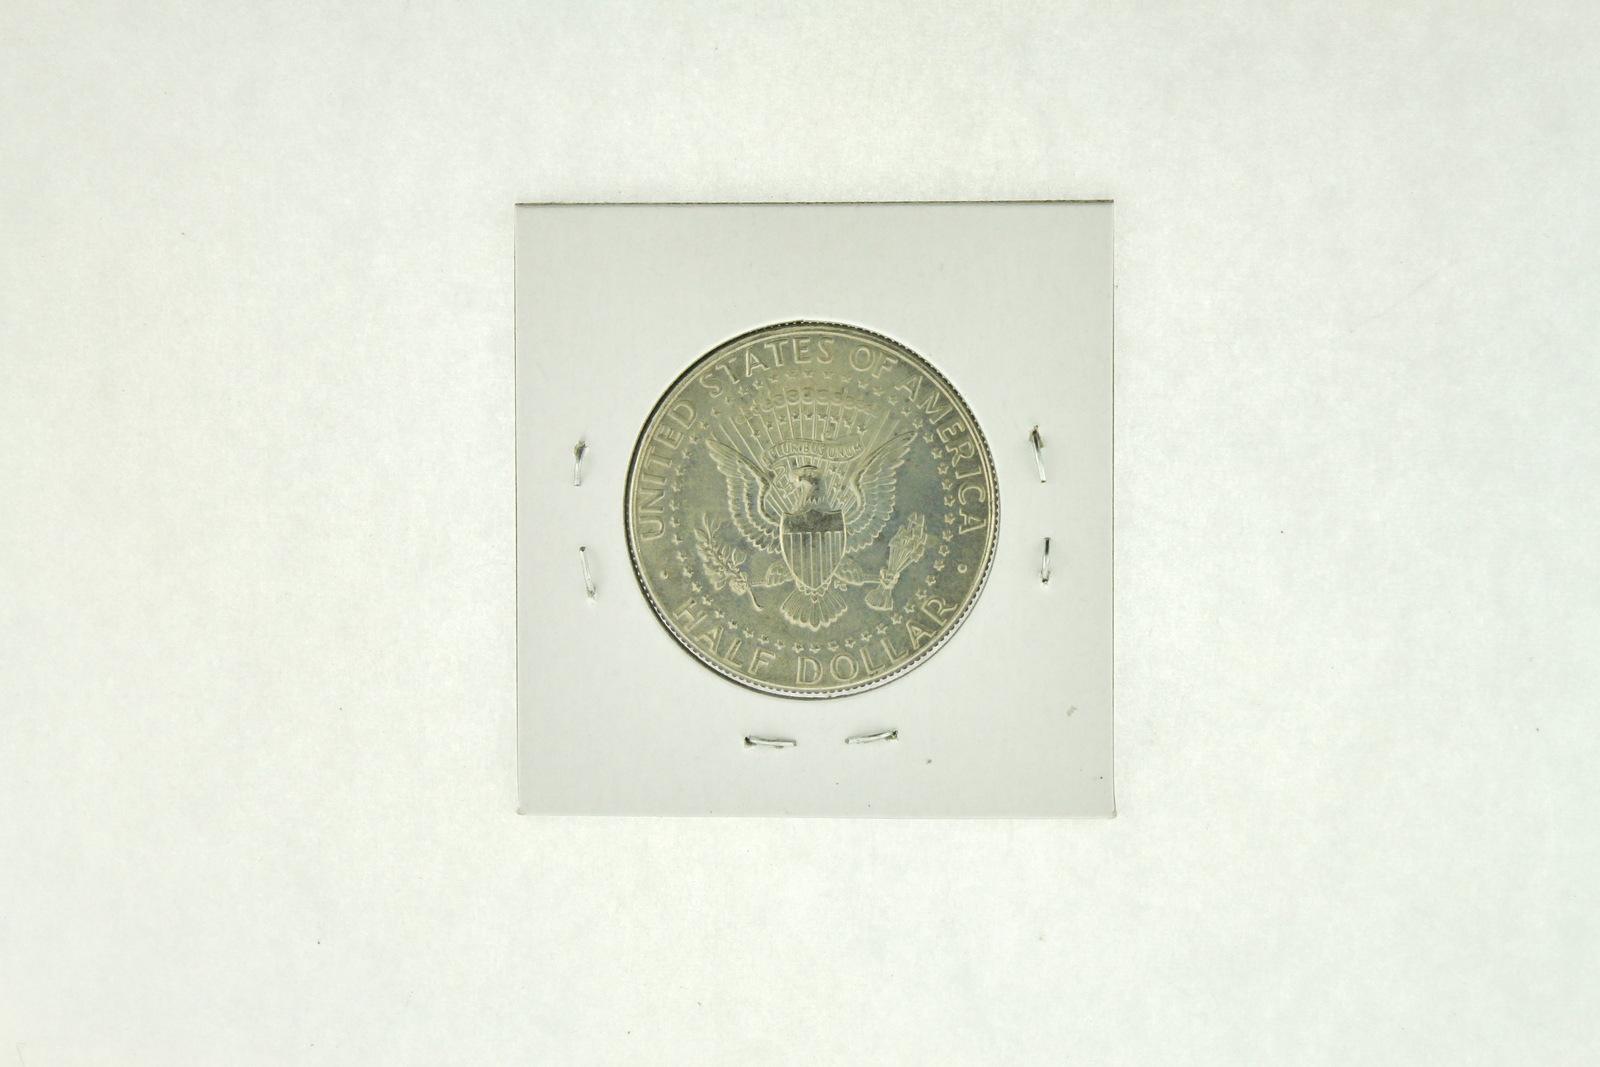 2001-D Kennedy Half Dollar (XF) Extremely Fine N2-4018-3